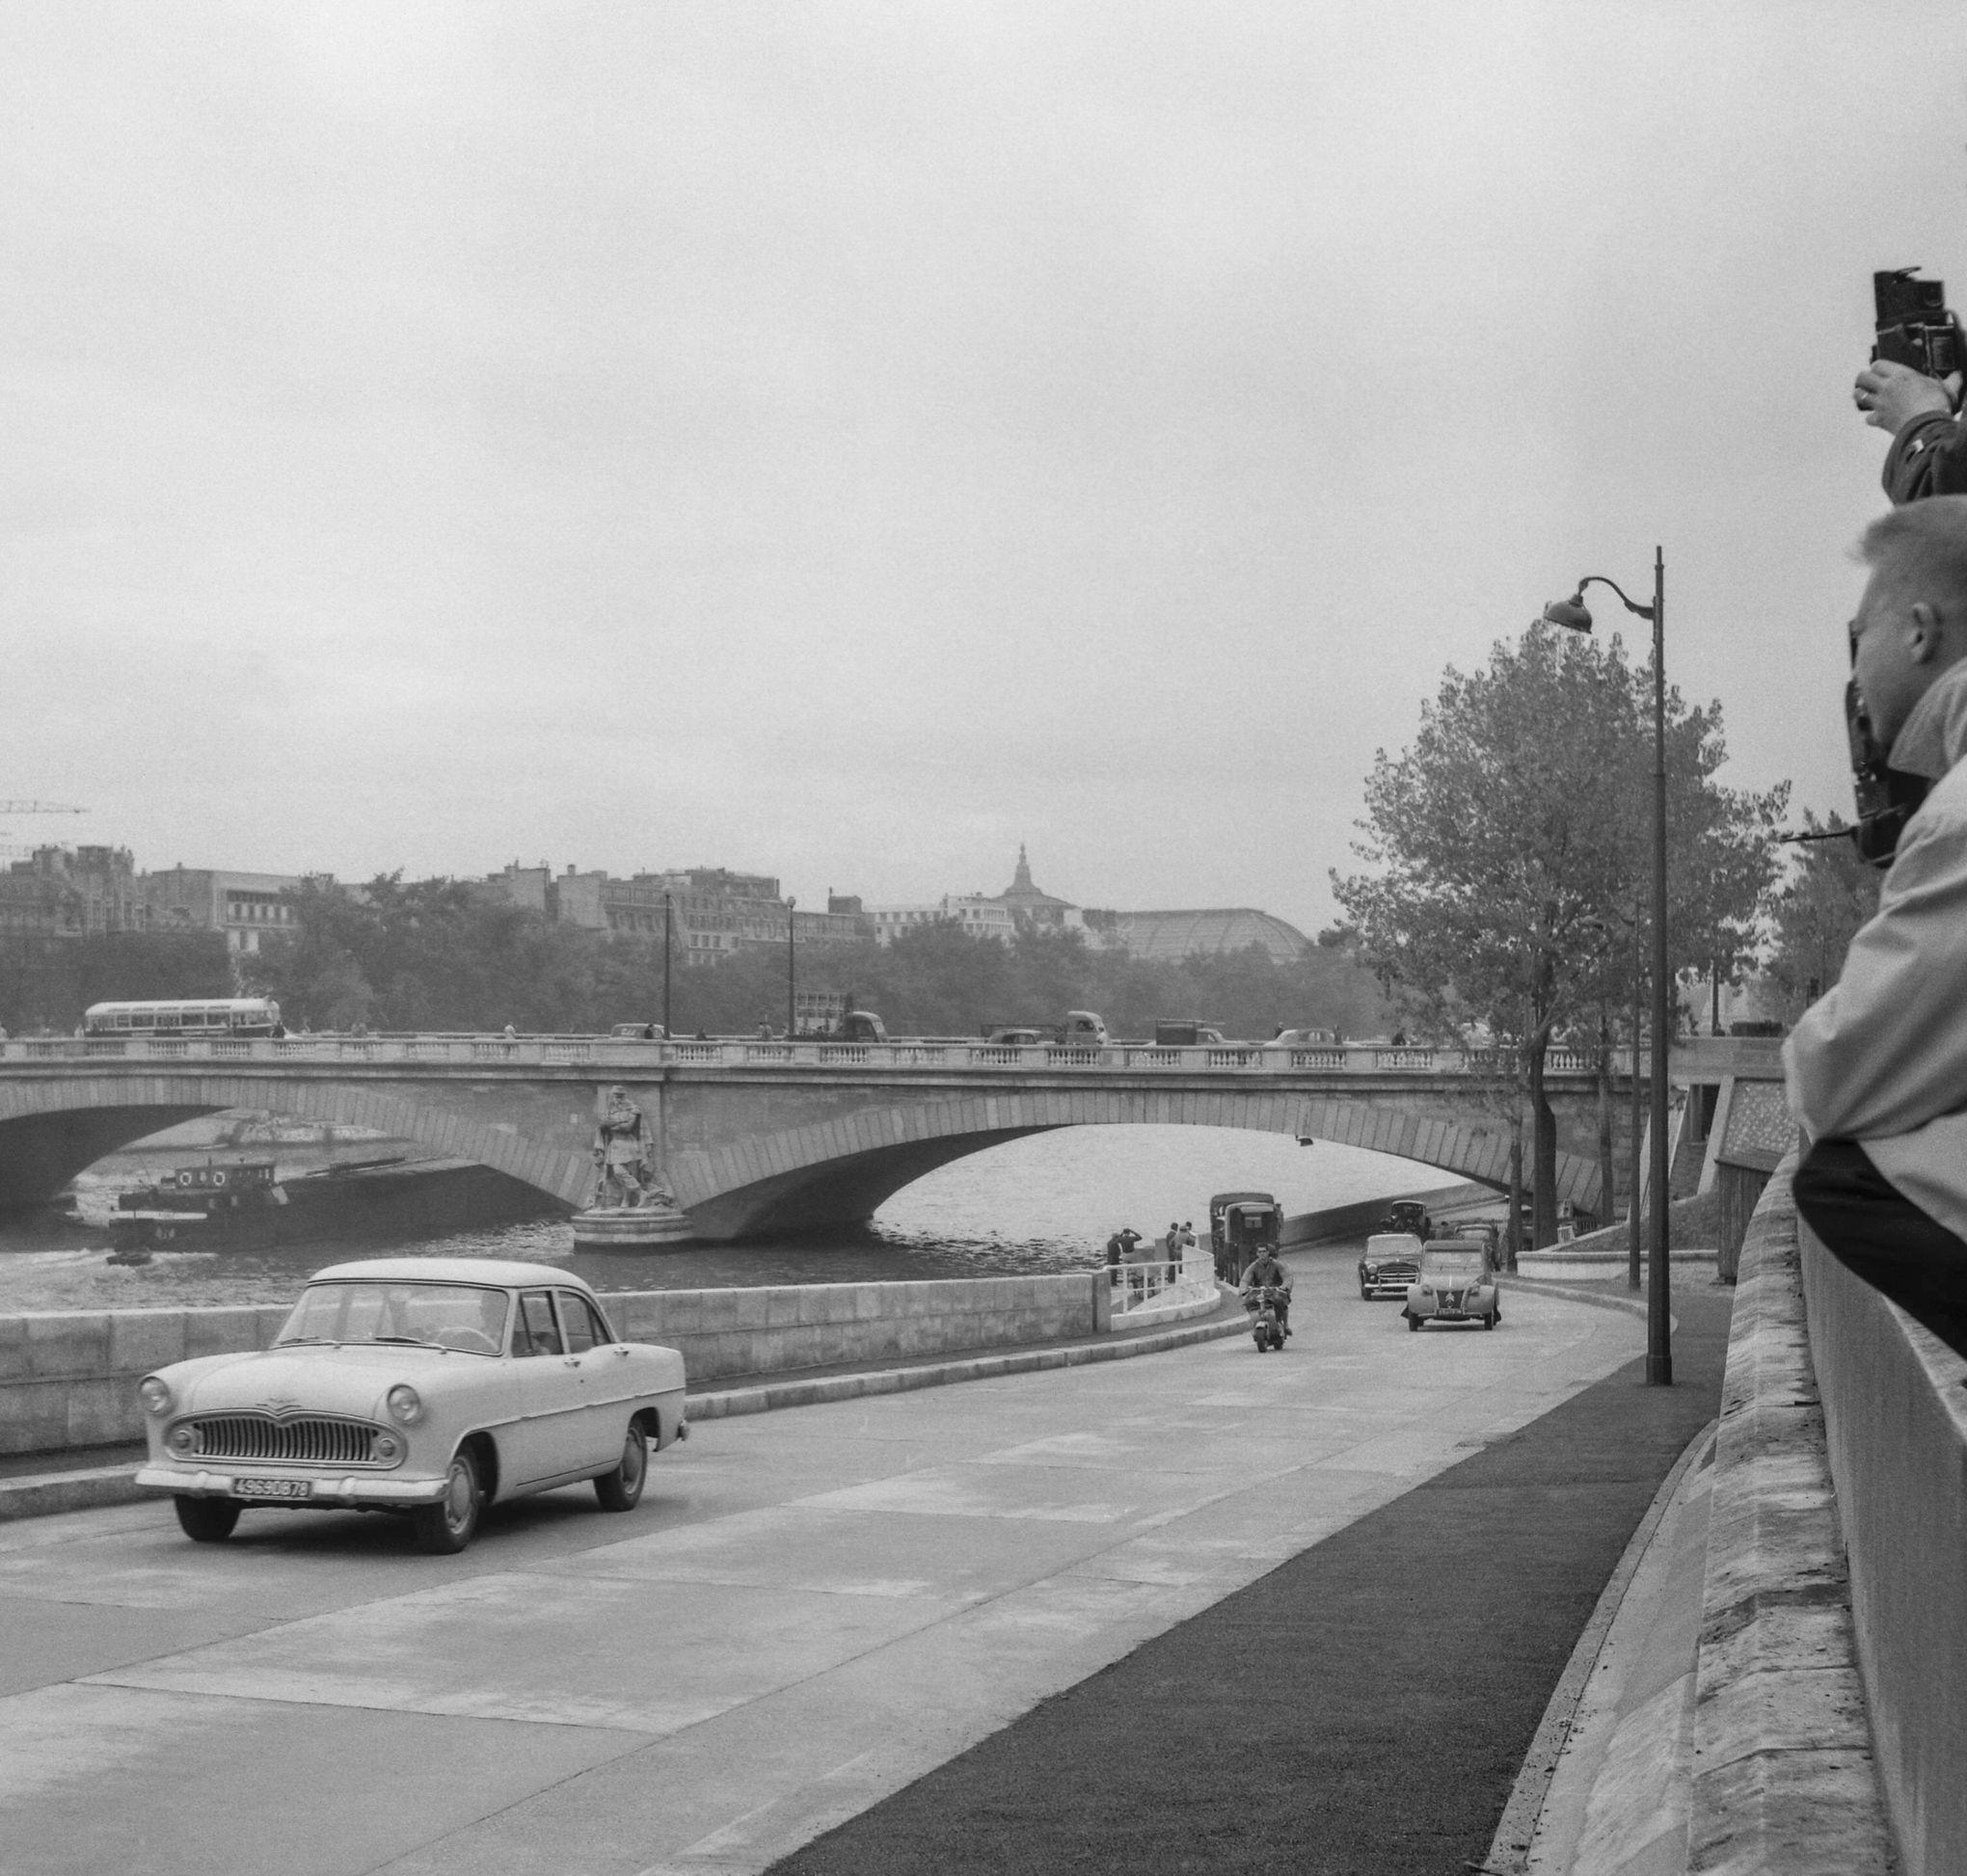 voies sur berges le 22 d cembre 1967 pompidou traverse paris en 13 minutes. Black Bedroom Furniture Sets. Home Design Ideas